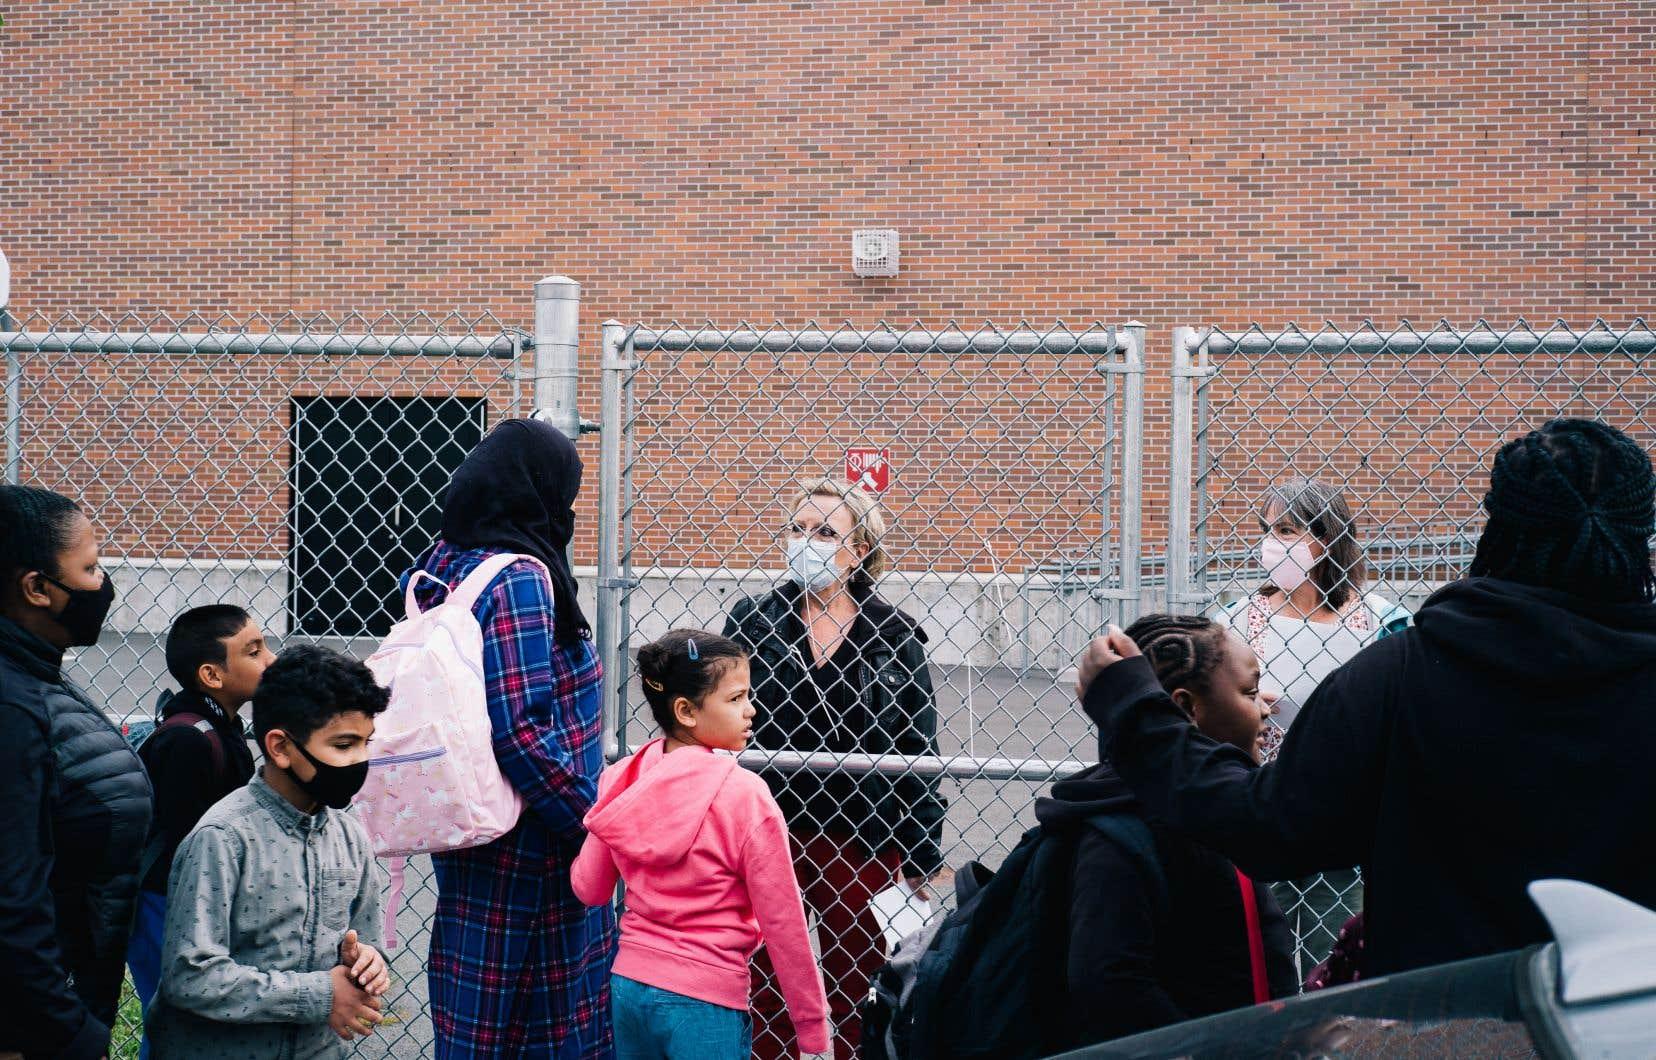 Avec la pandémie, les enseignants se voient contraints d'augmenter le temps qu'ils passent en surveillance pour s'assurer du respect des règles sanitaires.